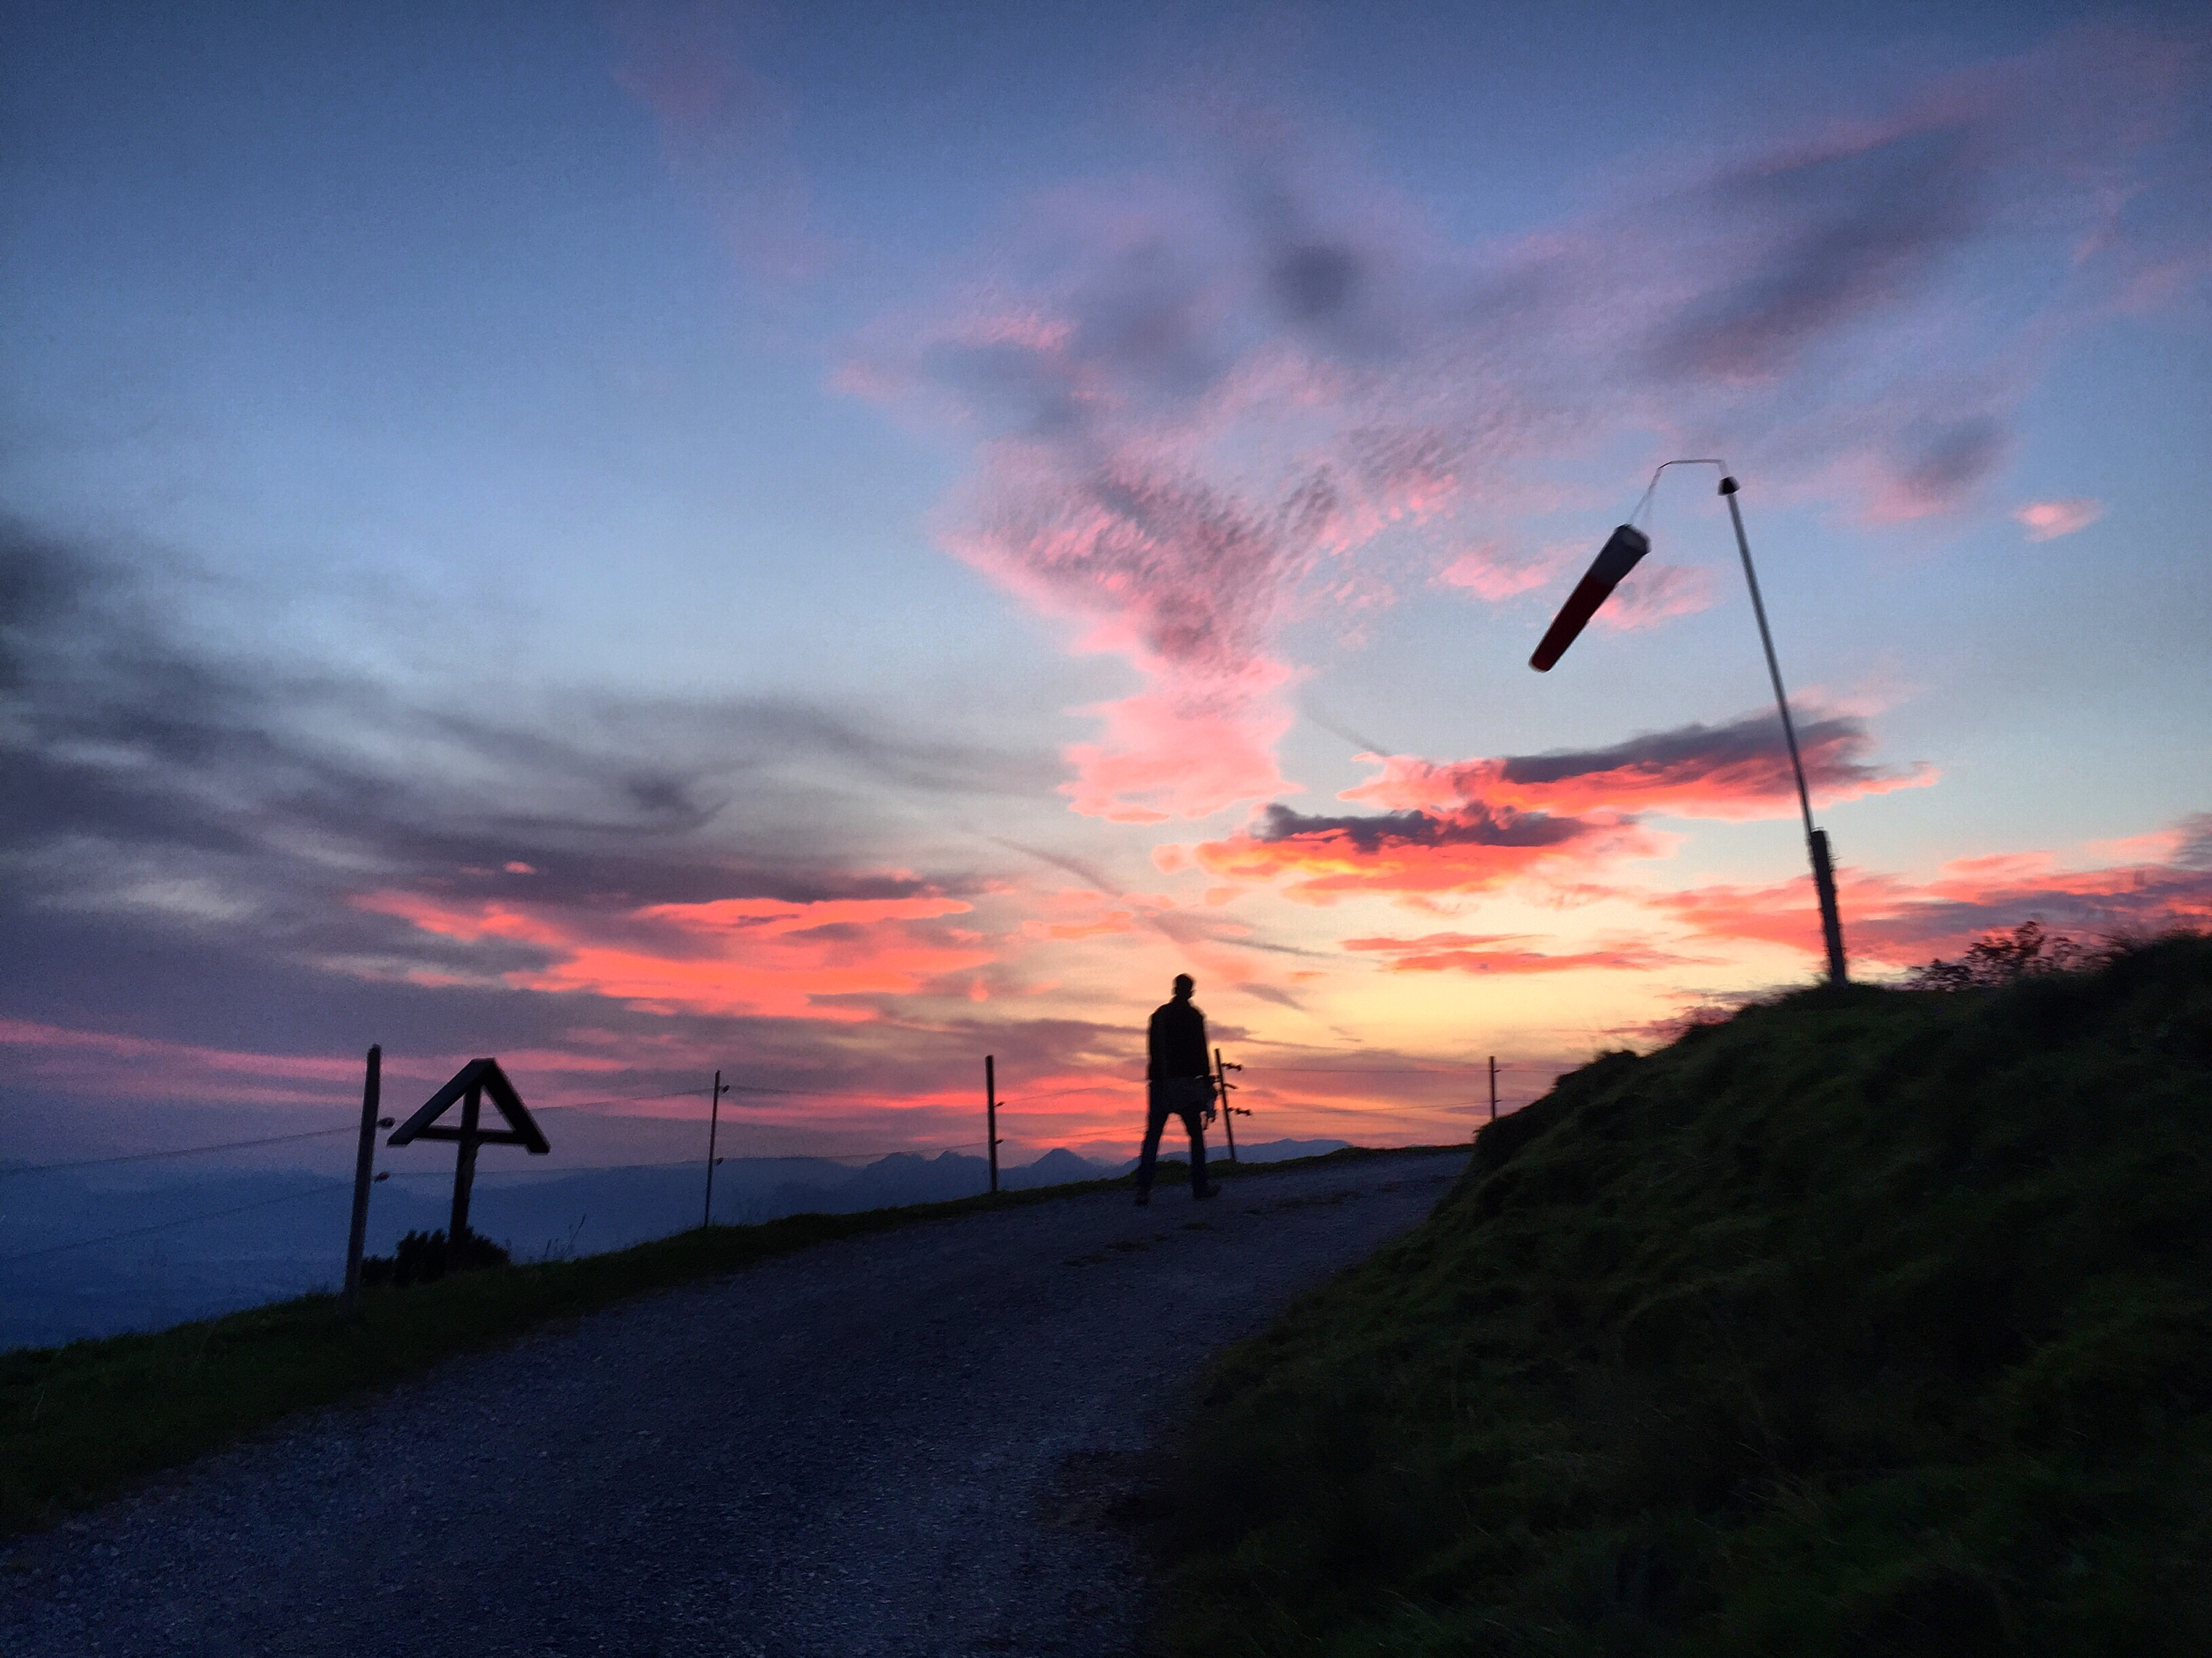 Zaterdagochtend stonden Thomas en ik al vroeg op om op de berg de zon op te zien komen. Eva ging ook mee, want die was ook wakker.